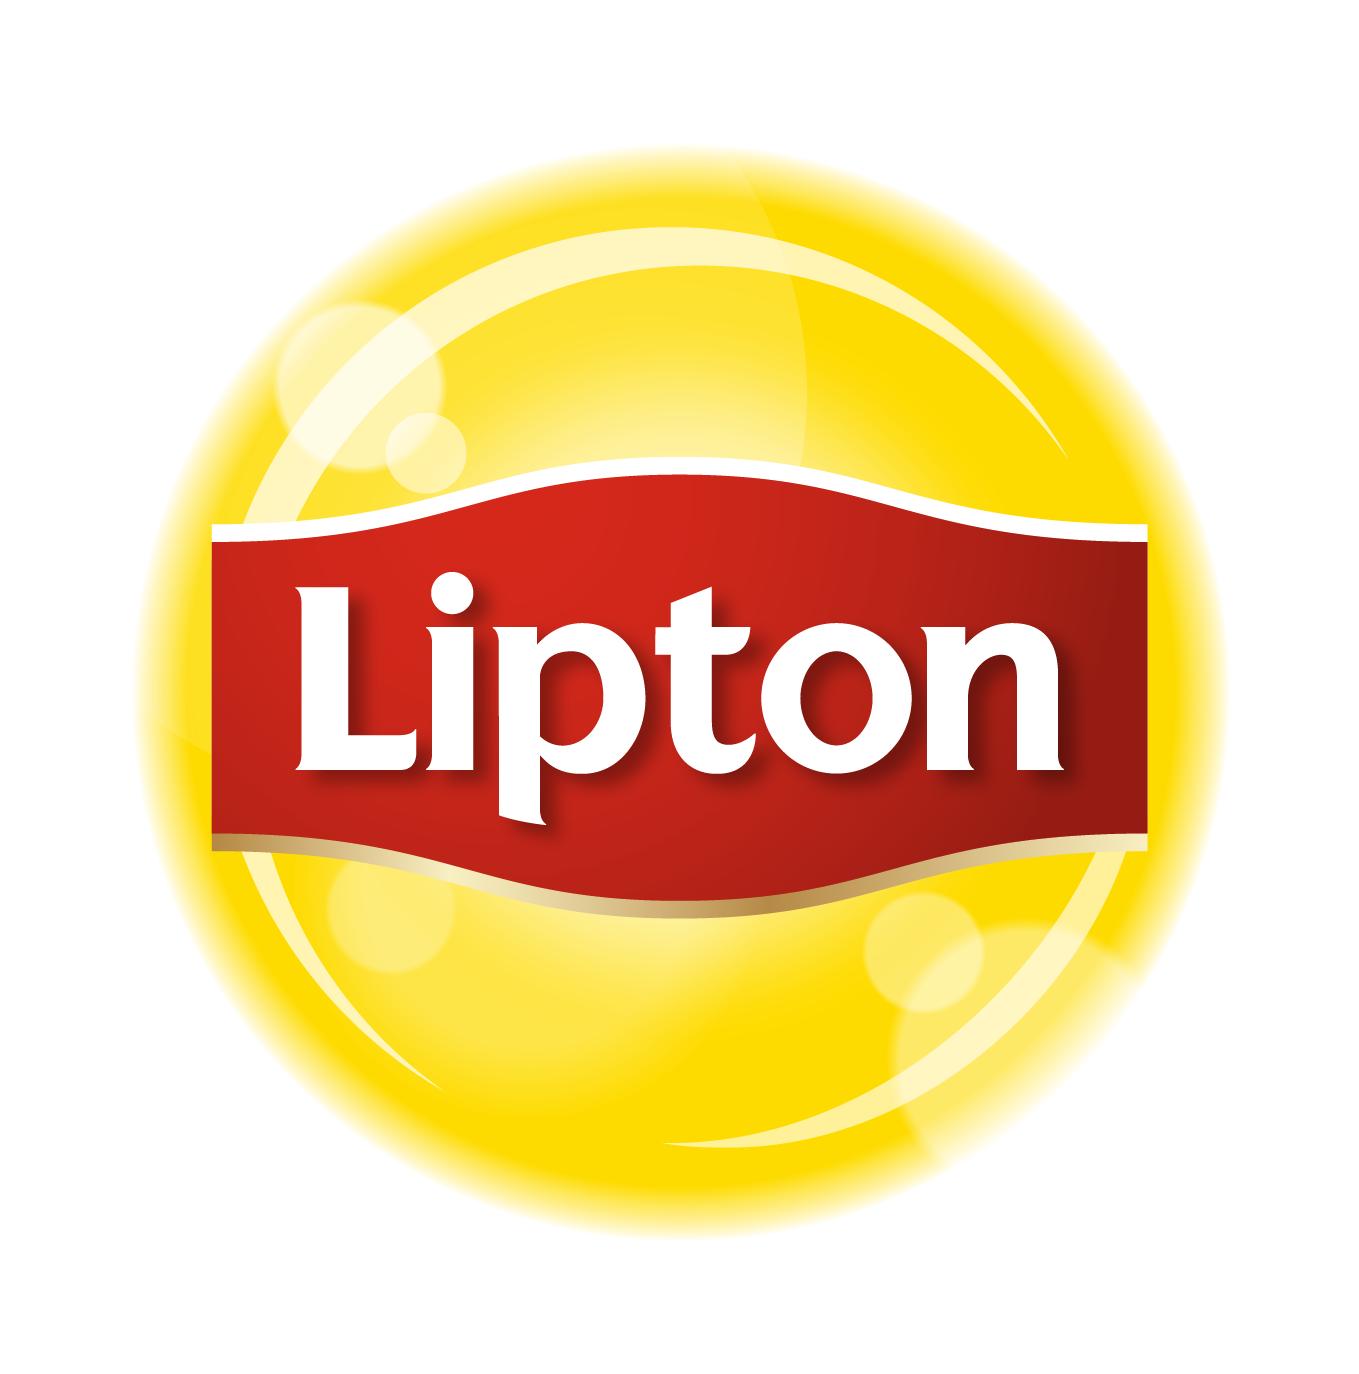 Lipton logo.png